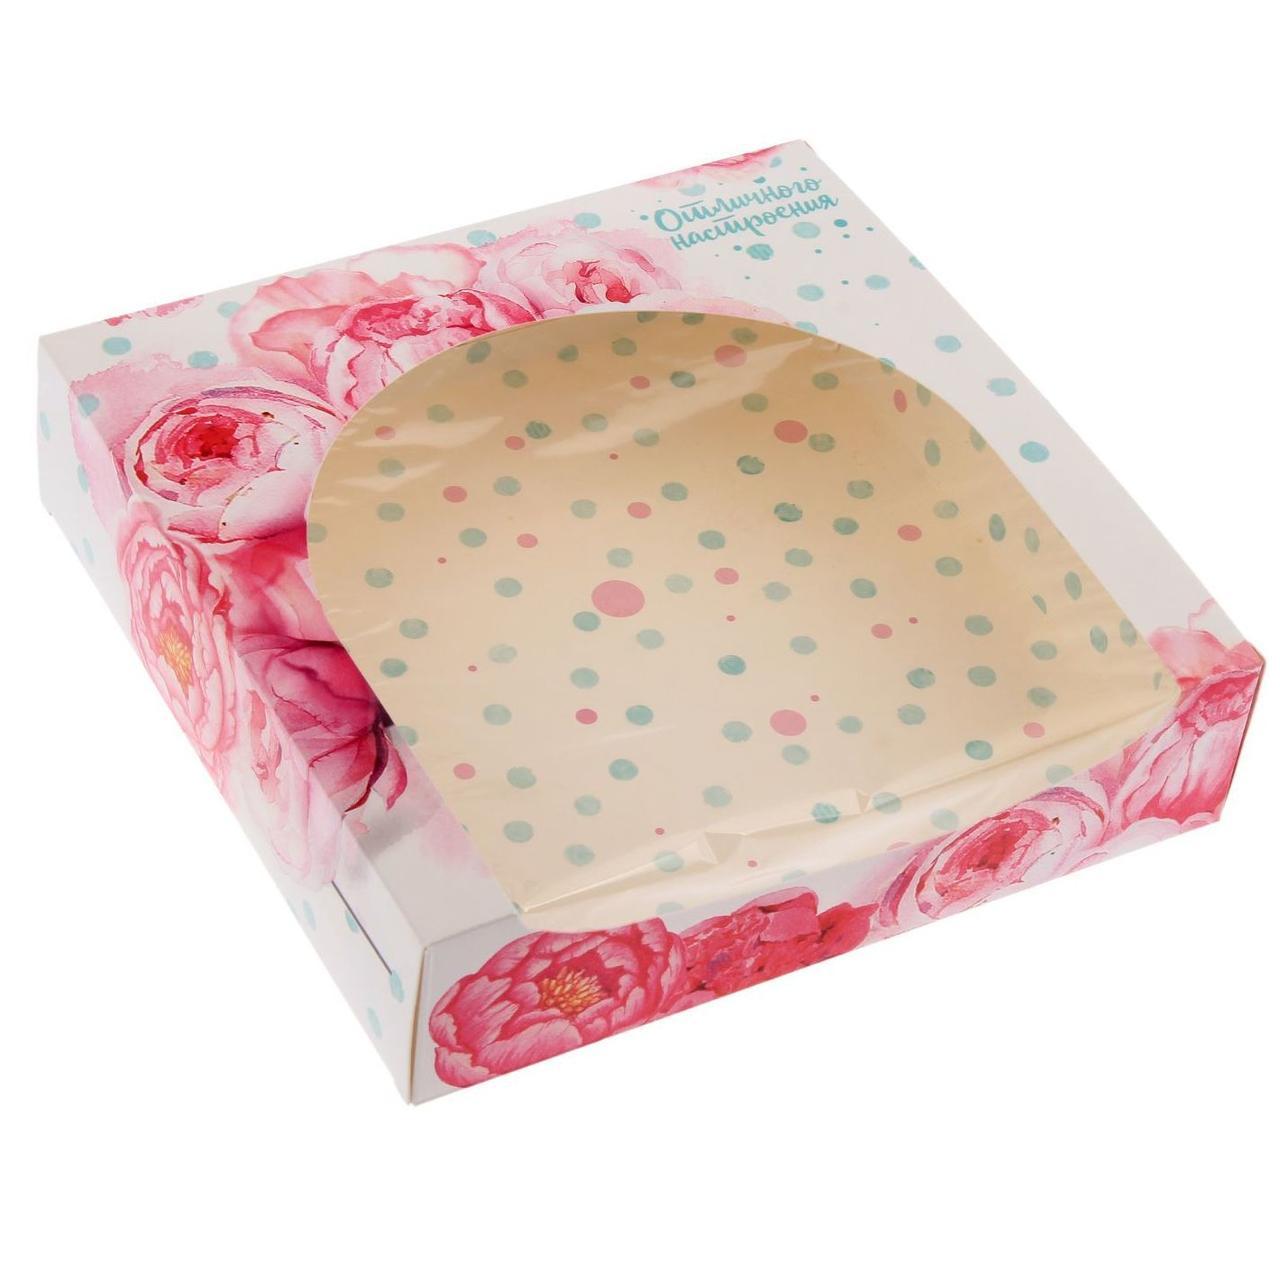 Коробка складная «Отличного настроения», 20 х 20 х 5 см